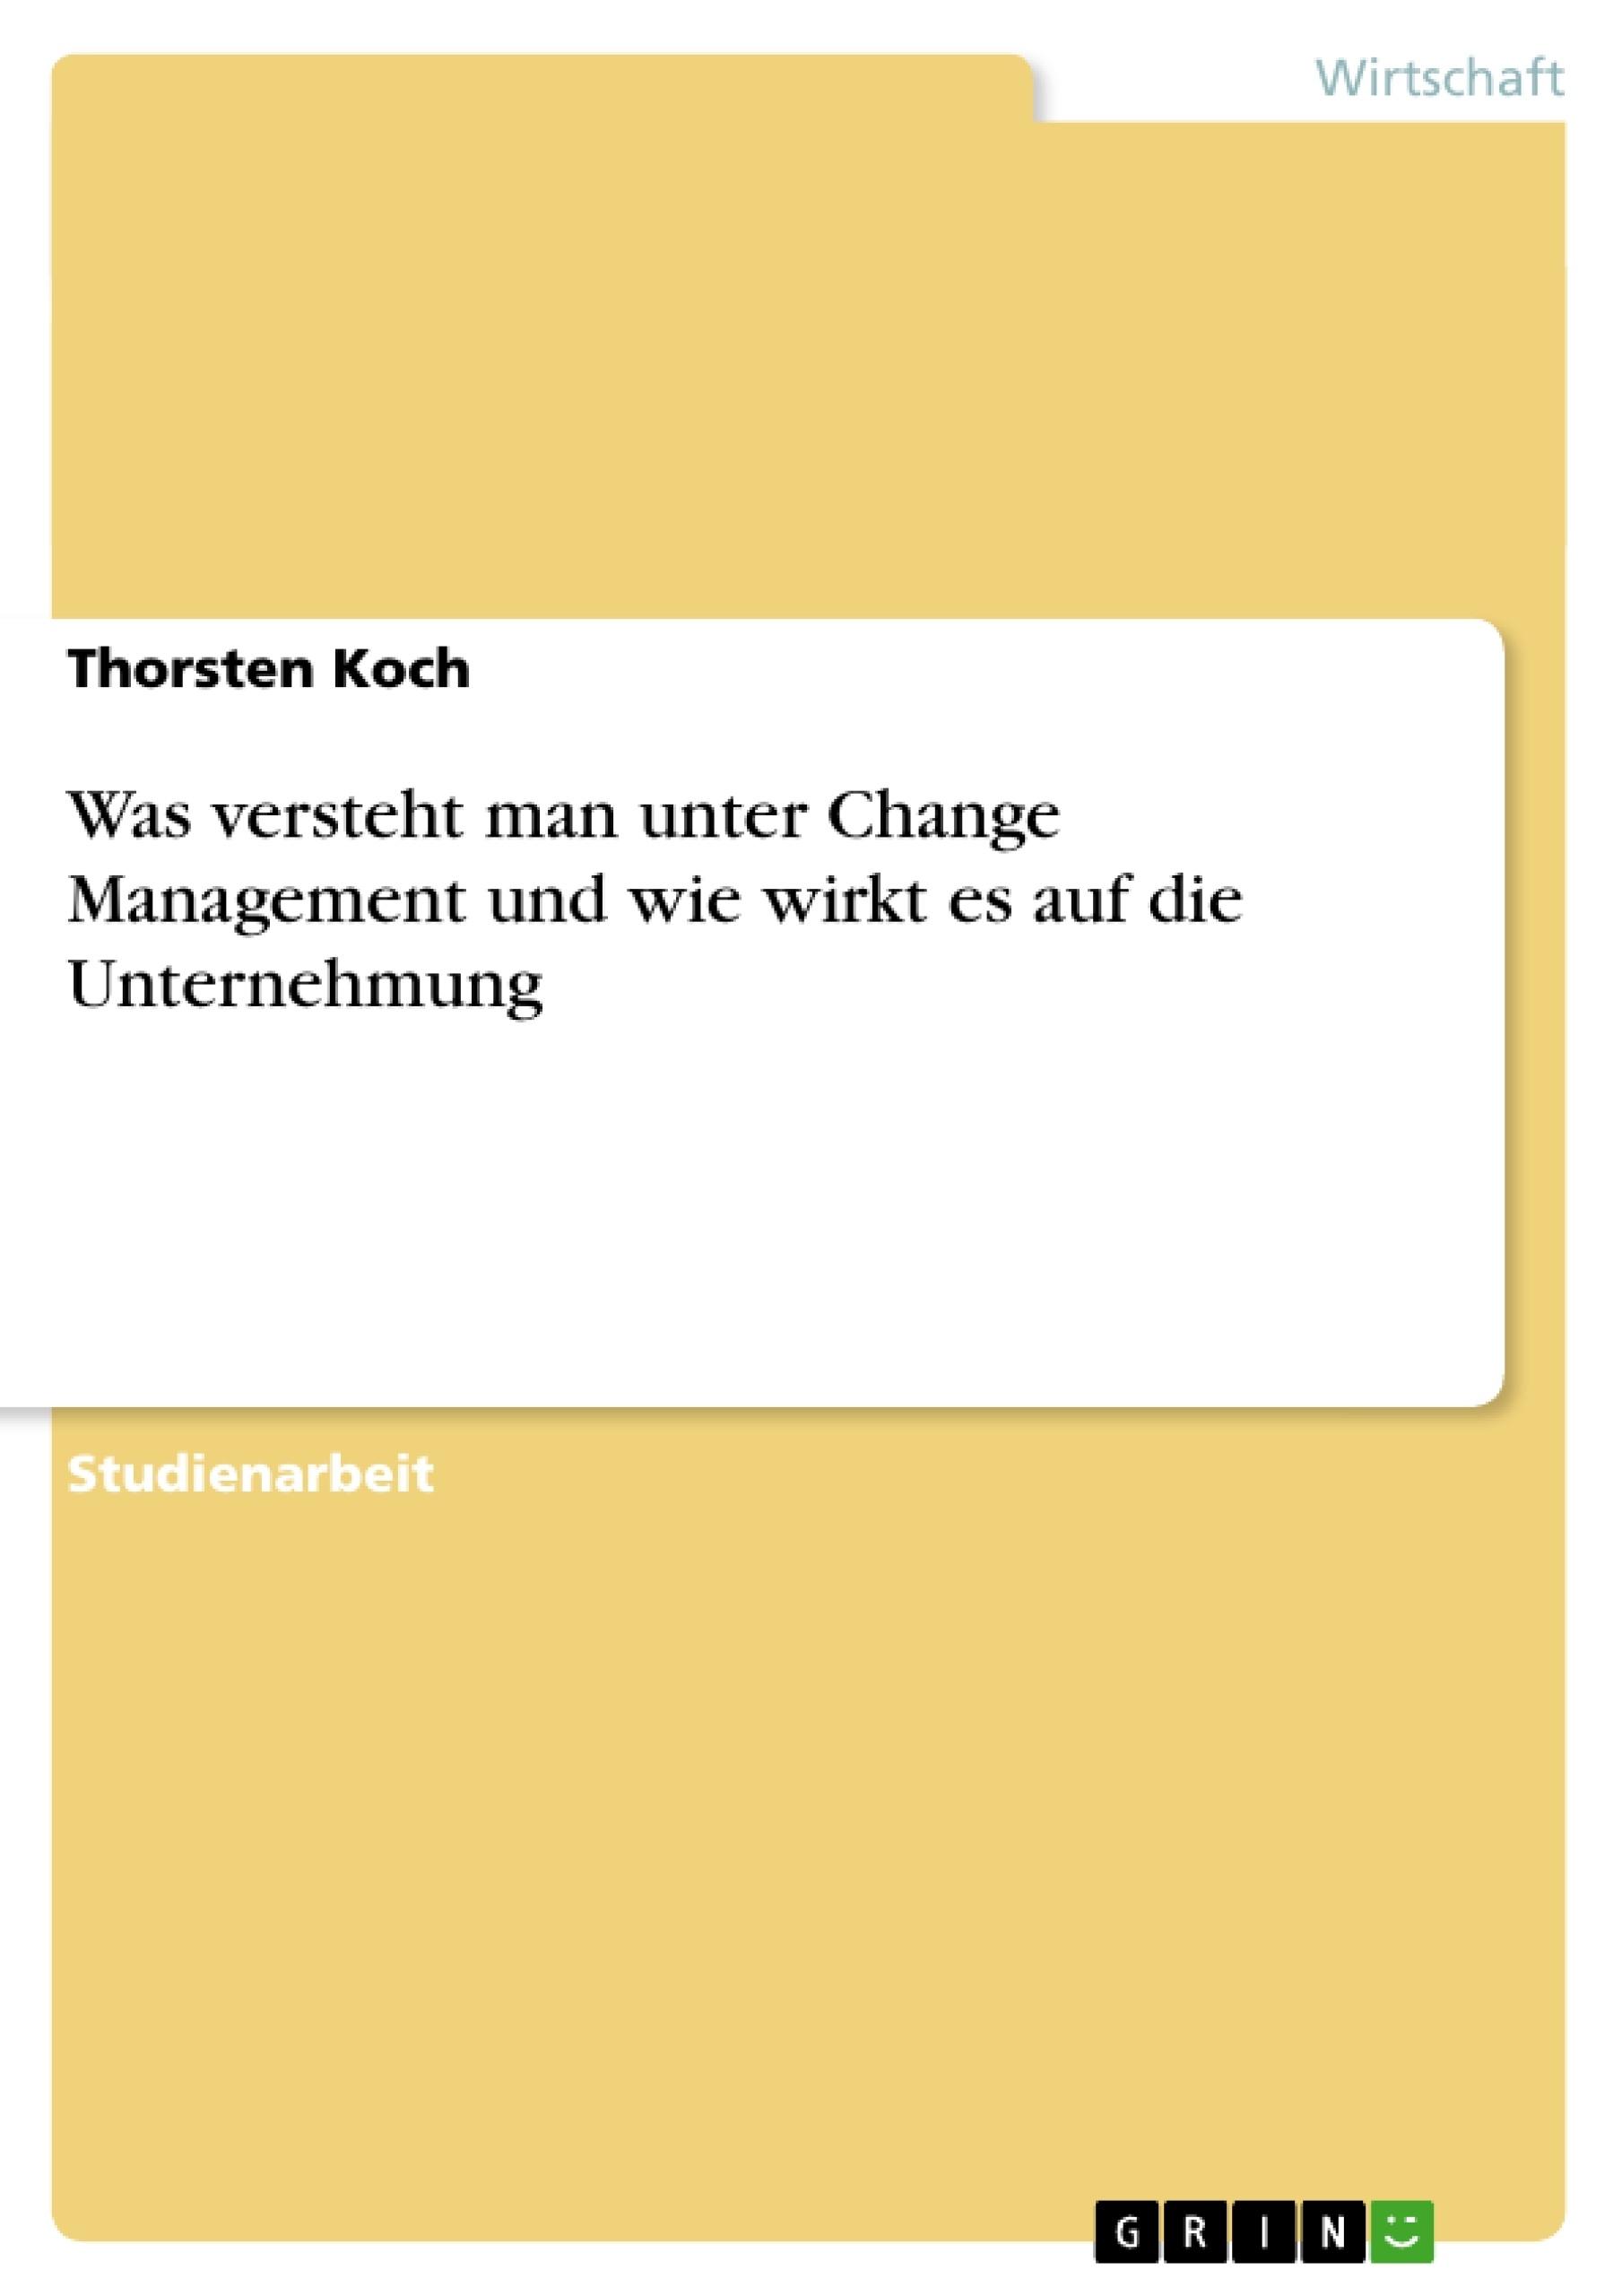 Titel: Was versteht man unter Change Management und wie wirkt es auf die Unternehmung